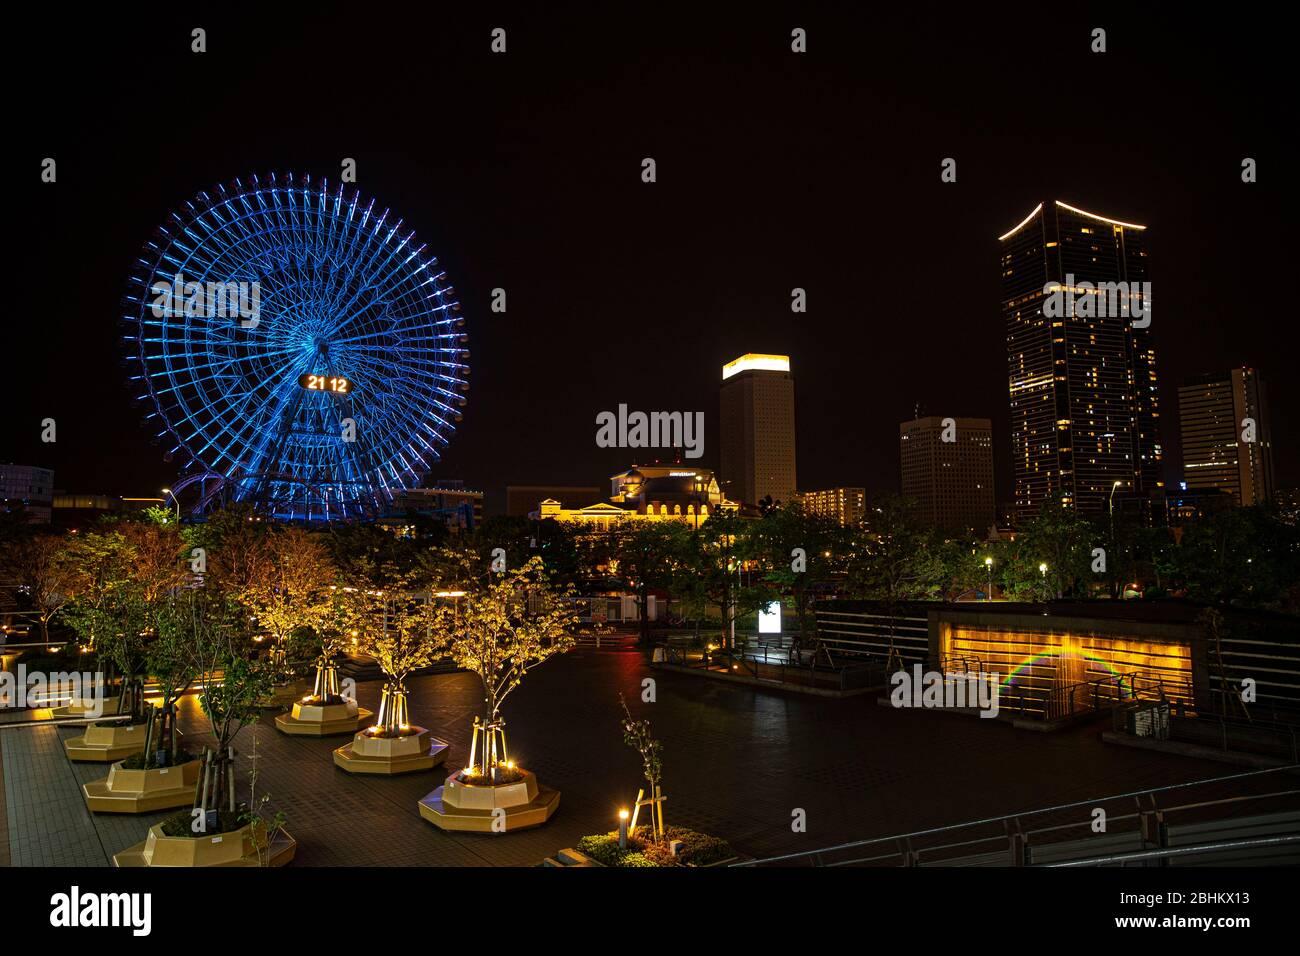 Das Riesenrad von Minatomirai -Cosmo Clock 21- leuchtet am 26. April 2020 in Kanagawa, Japan, blau auf, als Dank und Unterstützung für medizinisches Personal, das das neuartige Coronavirus inmitten der Viruspandemie bekämpft. Quelle: AFLO/Alamy Live News Stockfoto